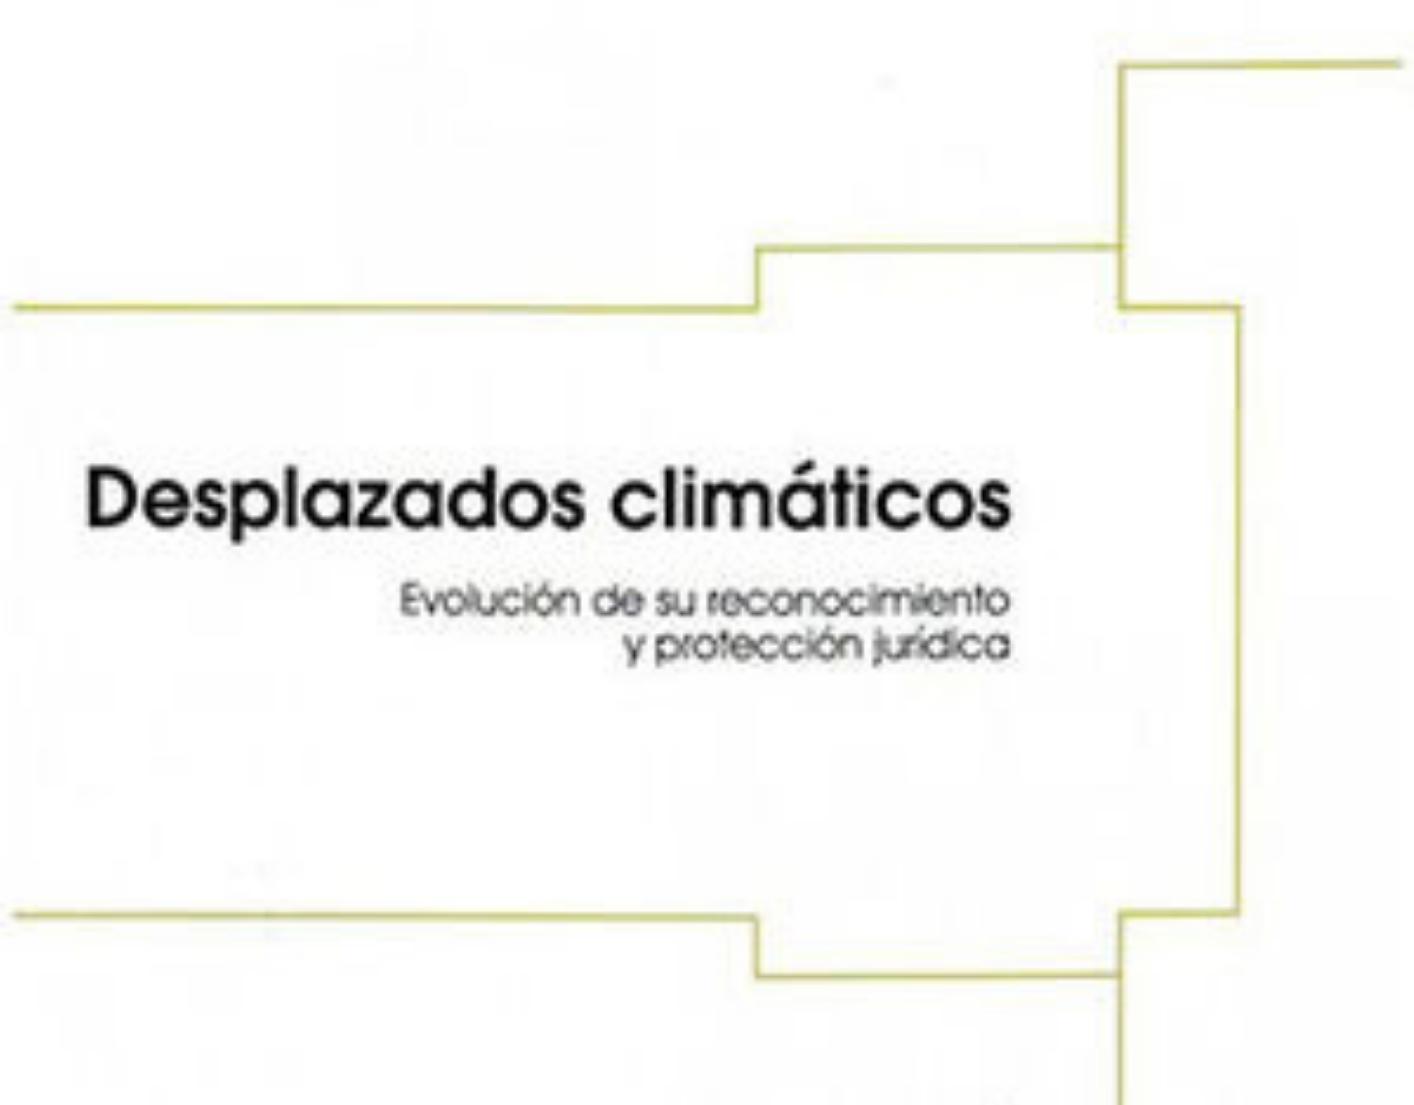 Desplazados climaticos